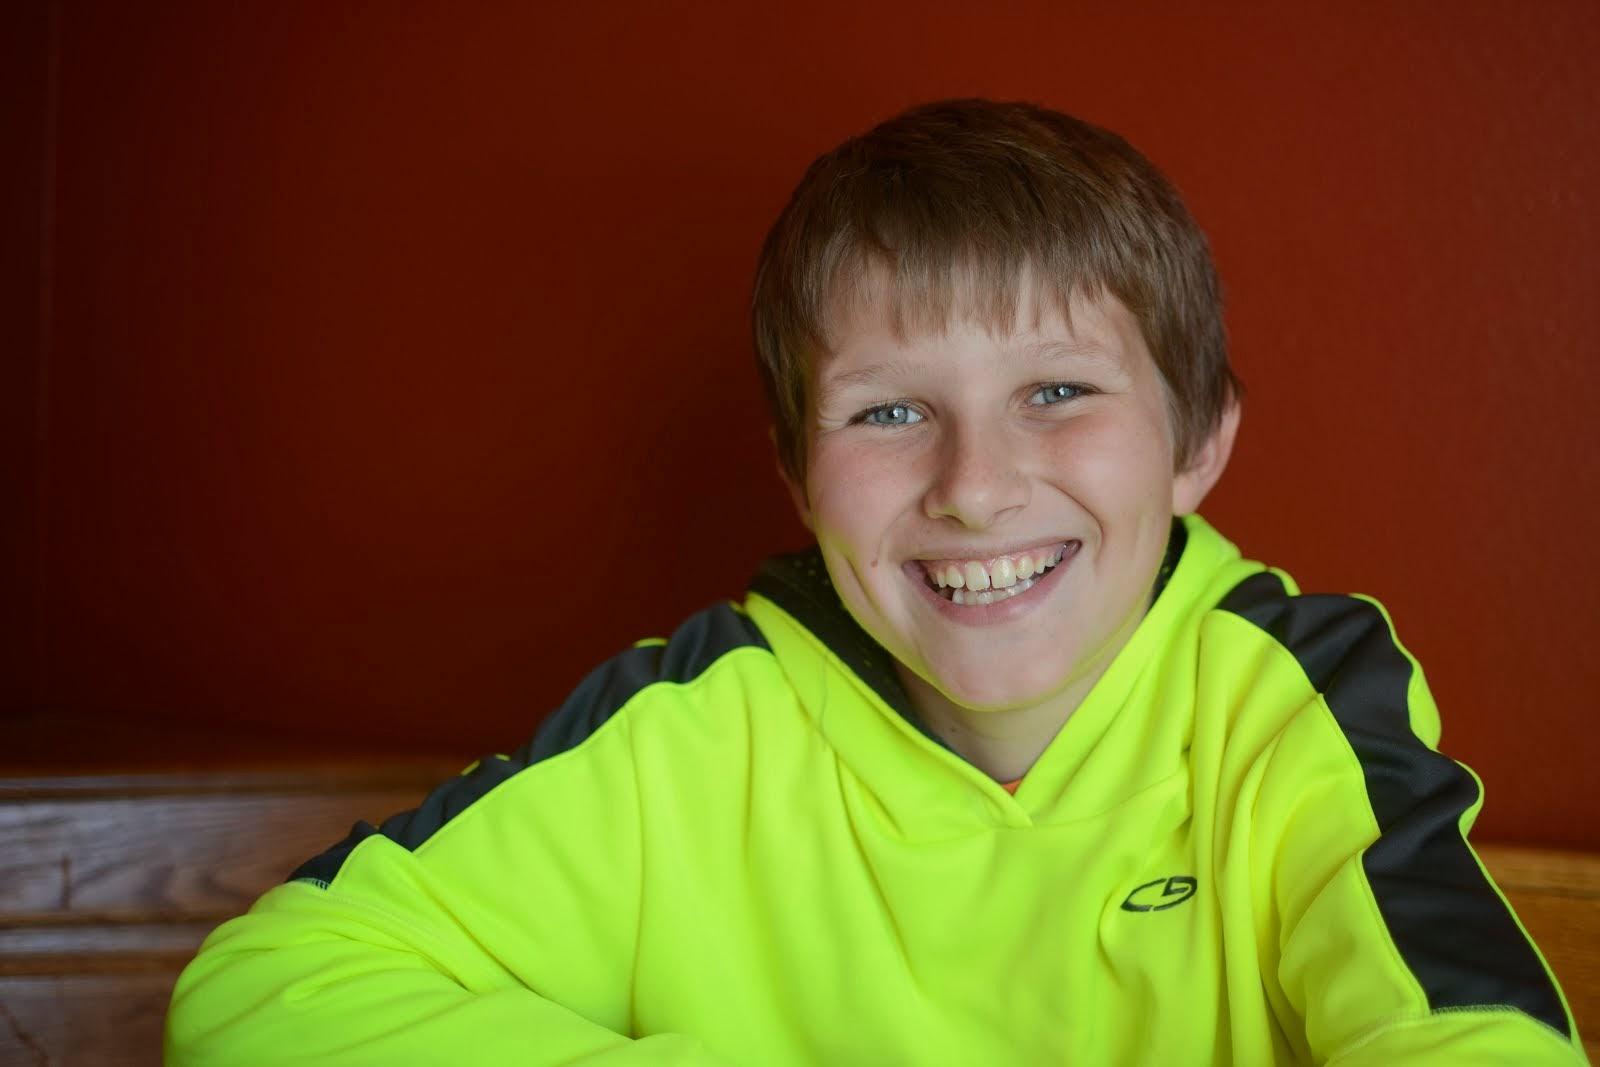 Shane-12